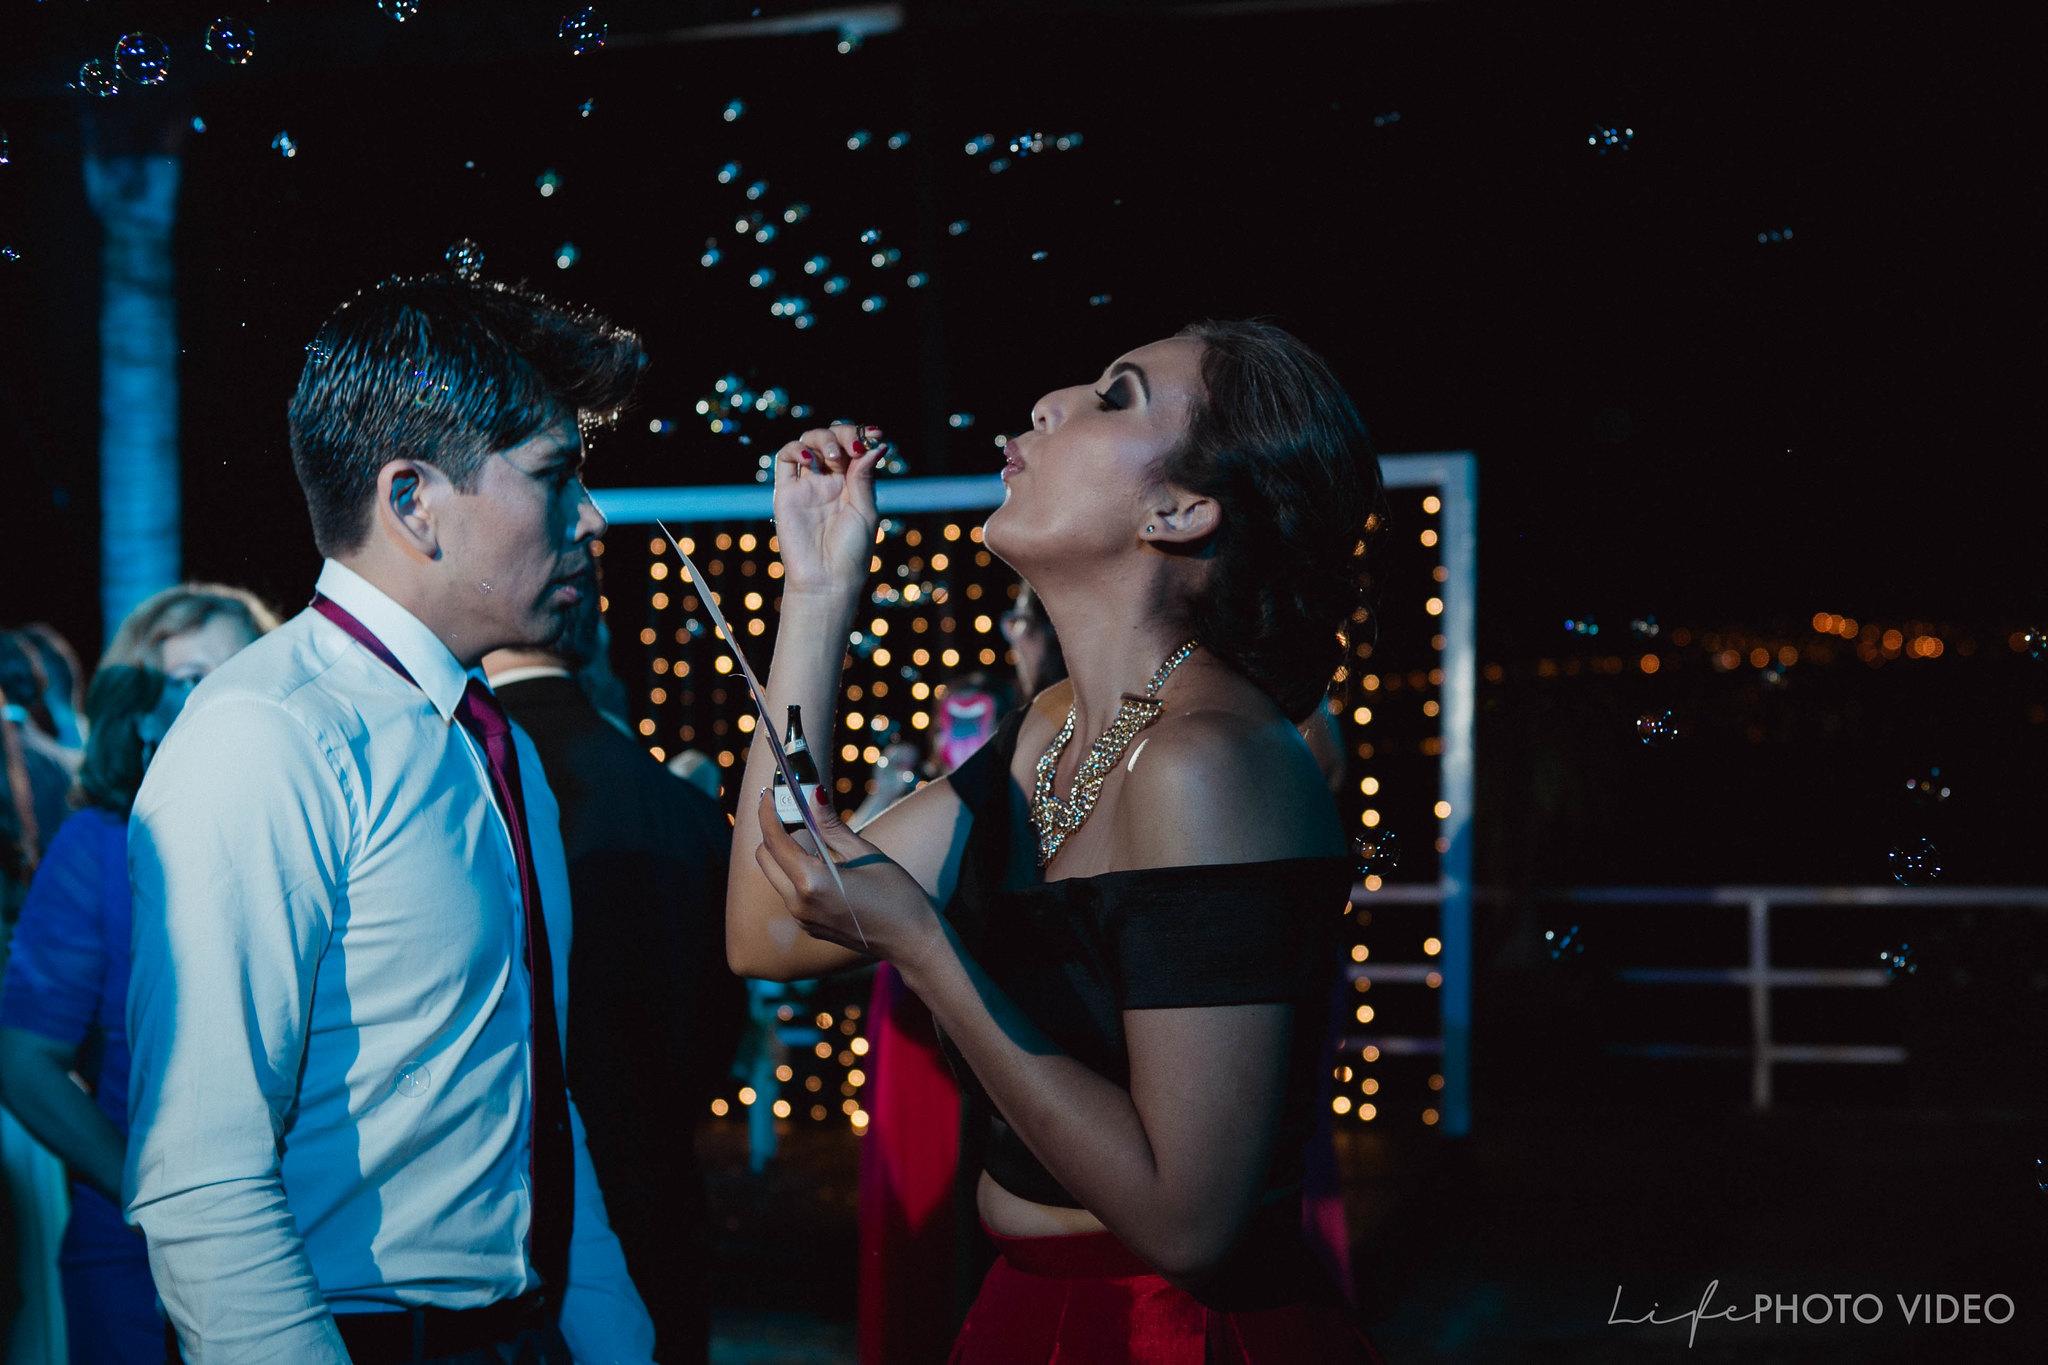 Boda_LeonGto_Wedding_LifePhotoVideo_0063.jpg